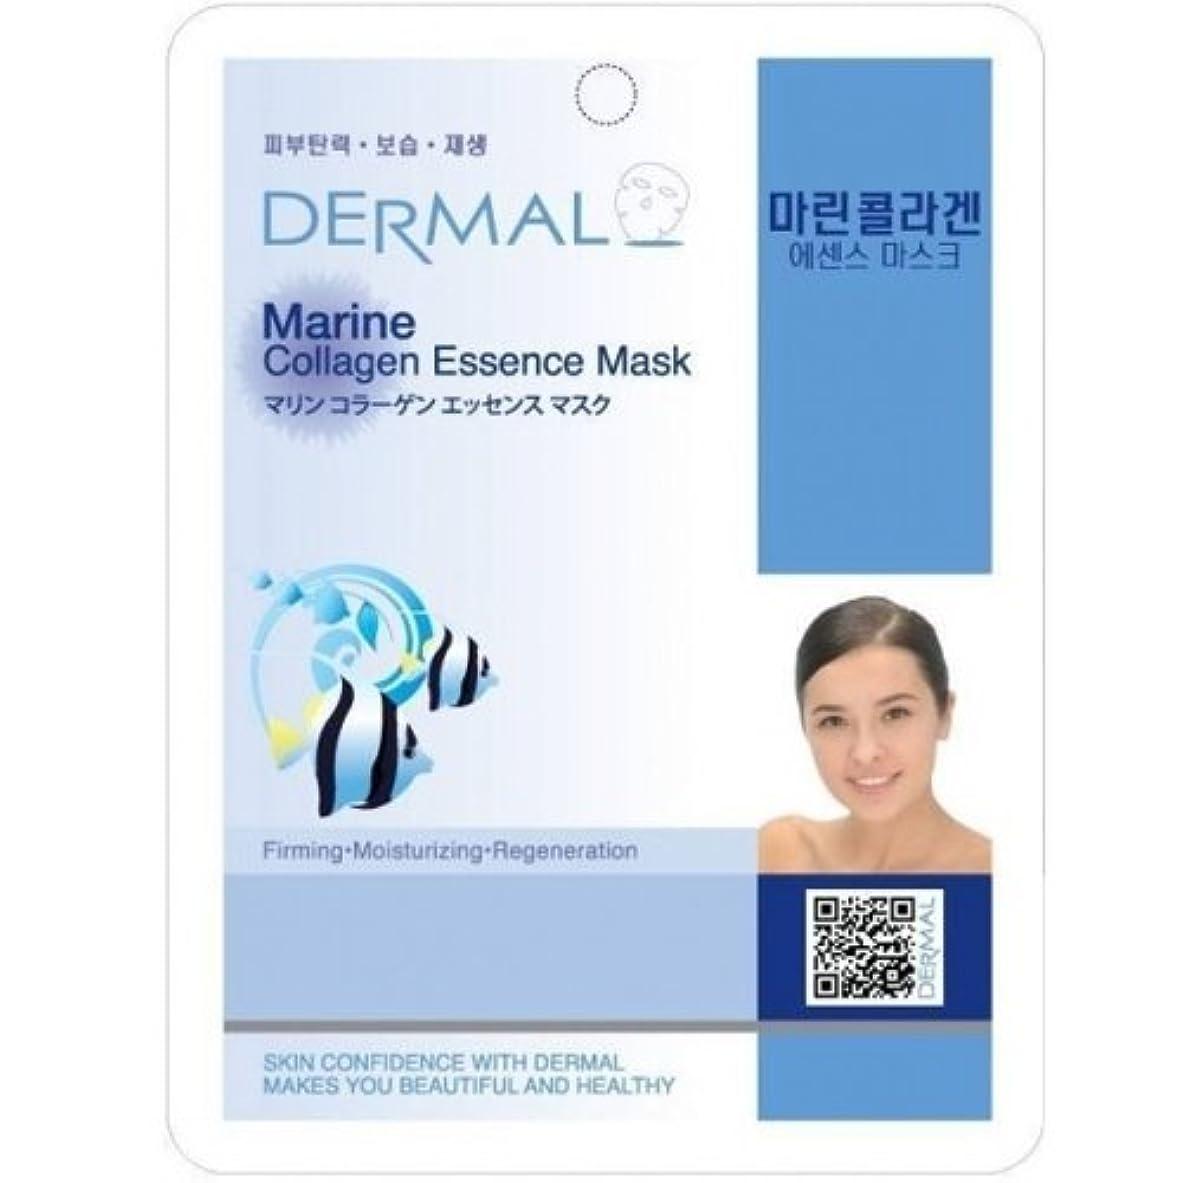 固有の平和抜け目のないシート マスク コラーゲン ダーマル Dermal 23g (10枚セット) 韓国コスメ フェイス パック